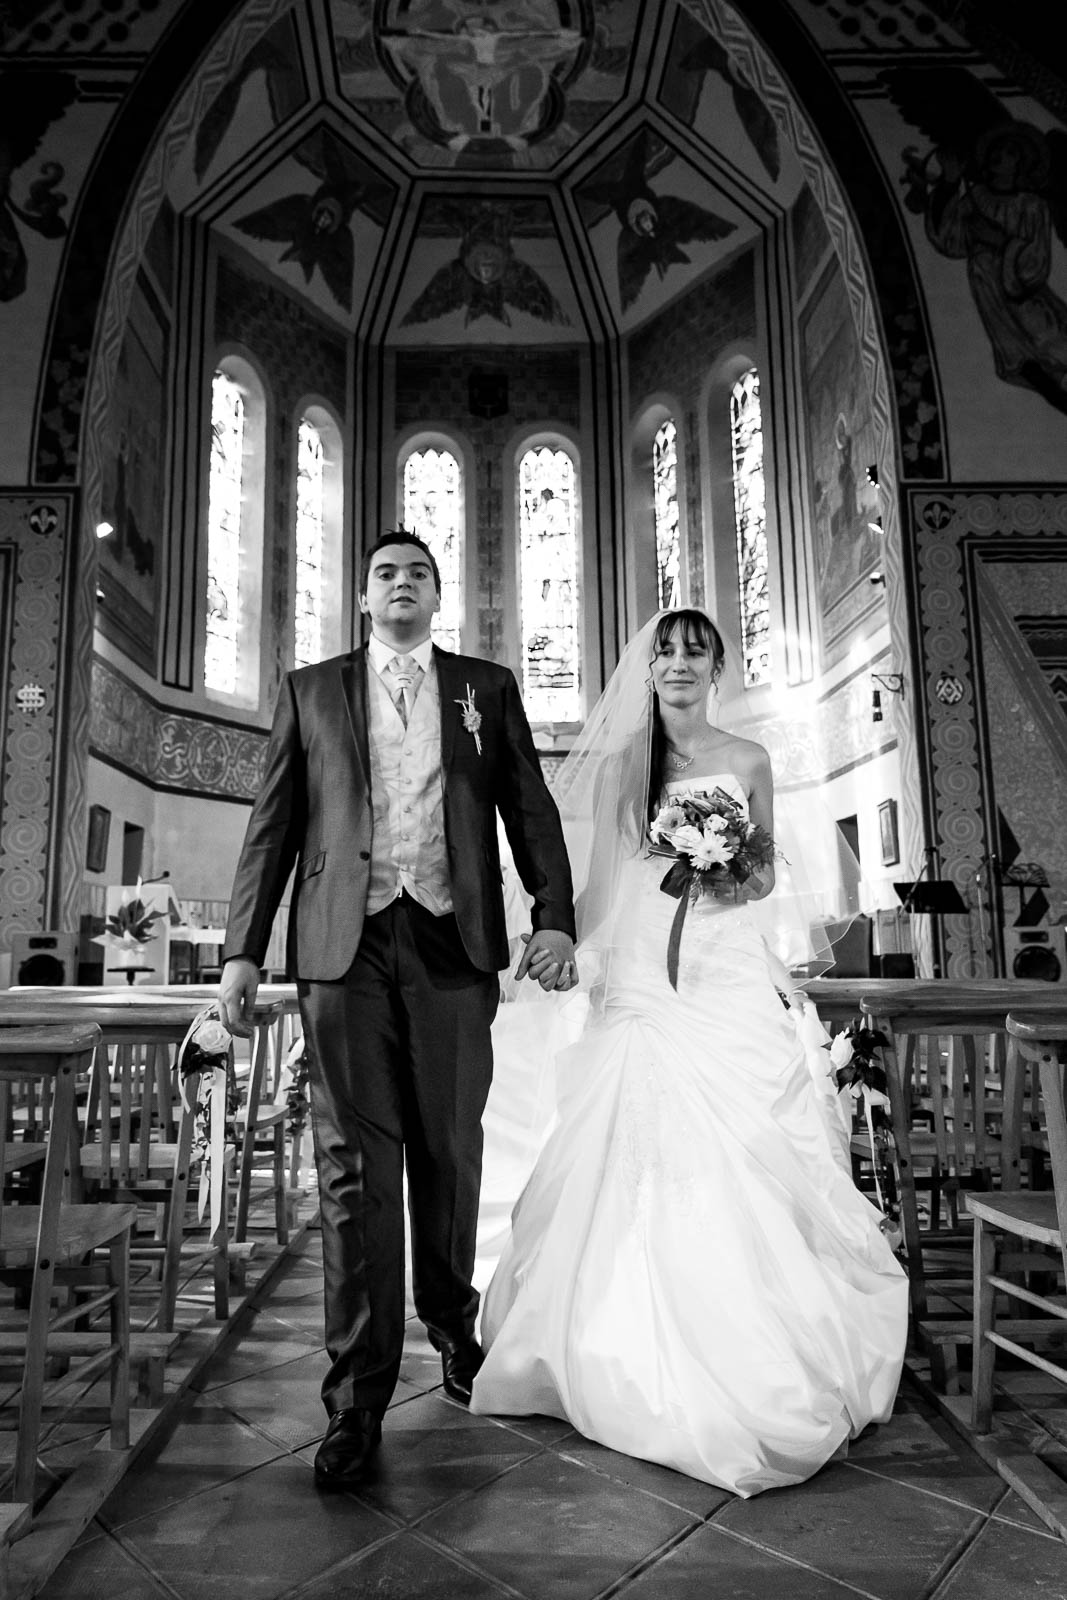 Mariages - ©Yohan Boniface Photographe - Mariage Portraits Immobilier Entreprises Clermont Ferrand Auvergne France (42).jpg